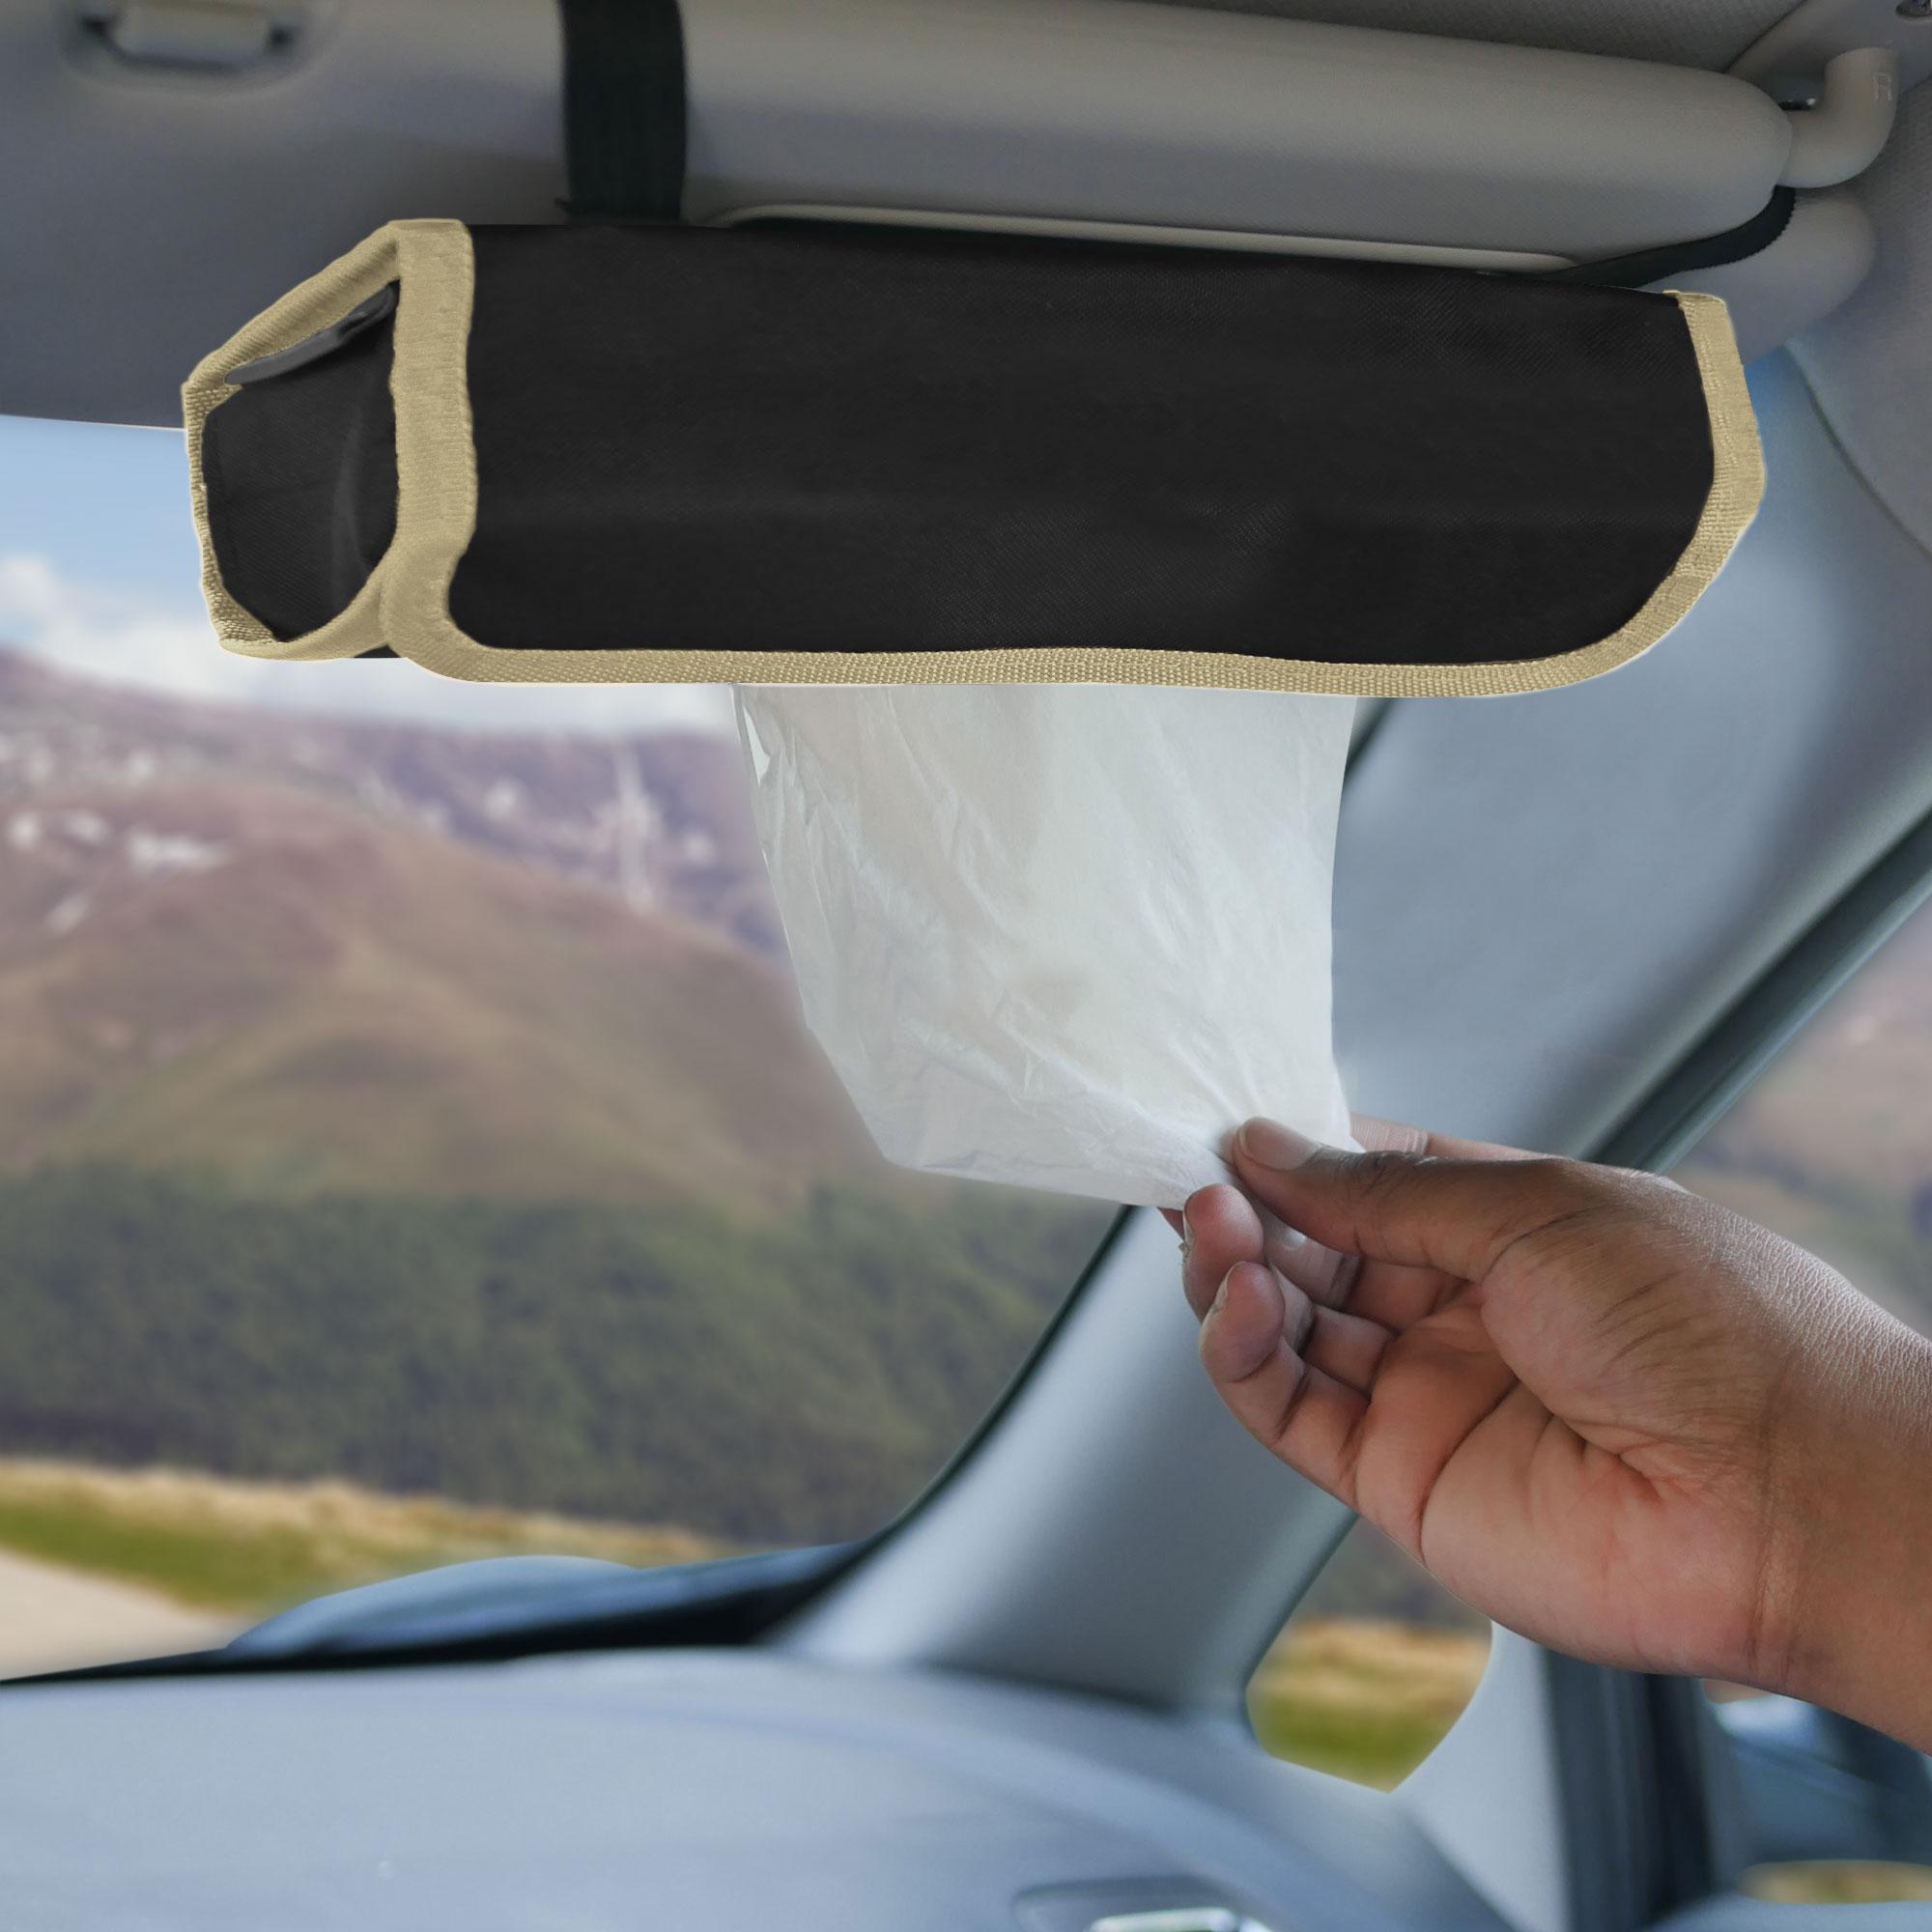 fh1136 beige black car organizer tissue dispenser